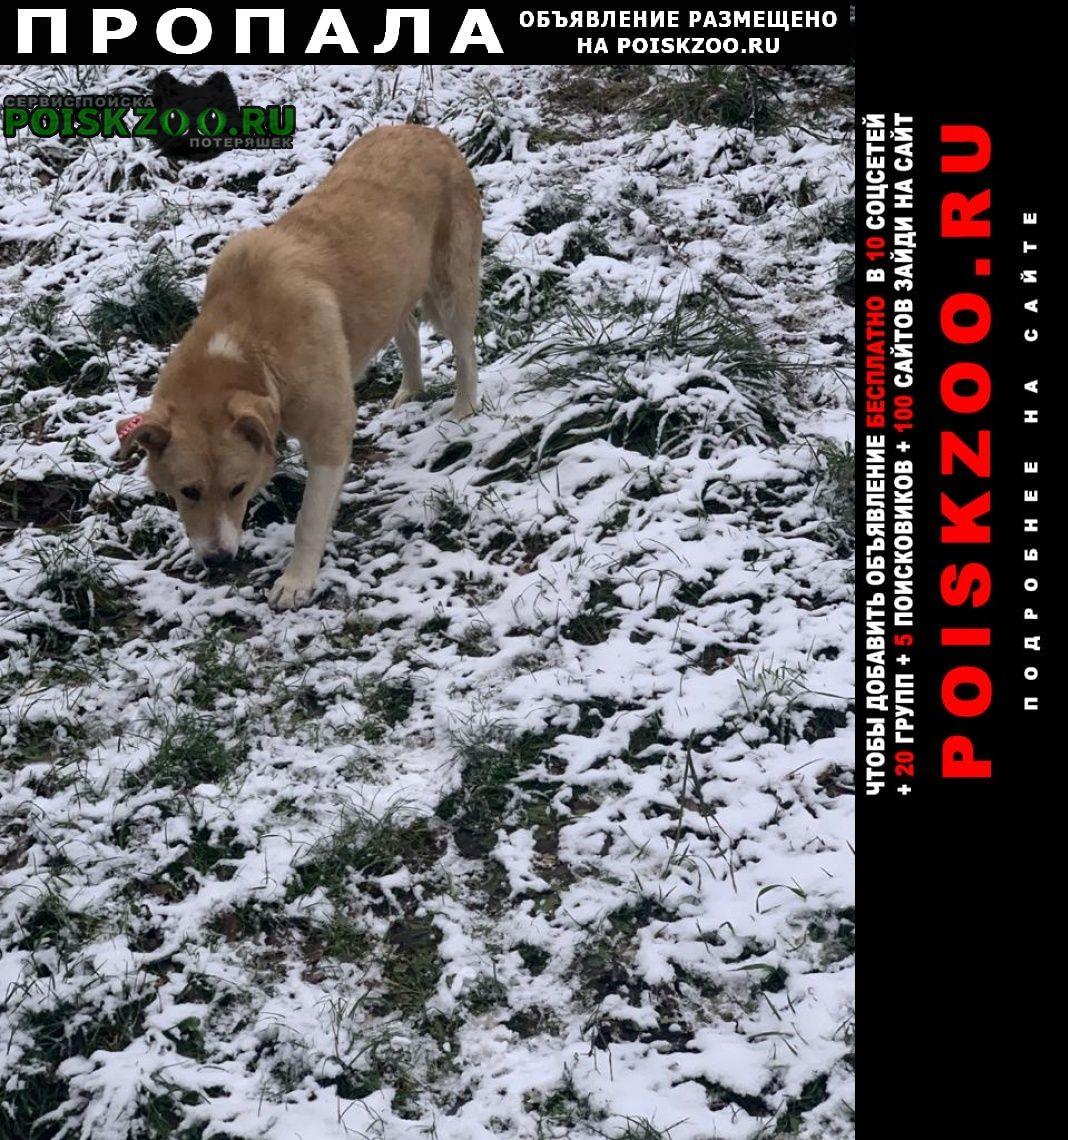 Пропала собака кобель помогите найти Бронницы